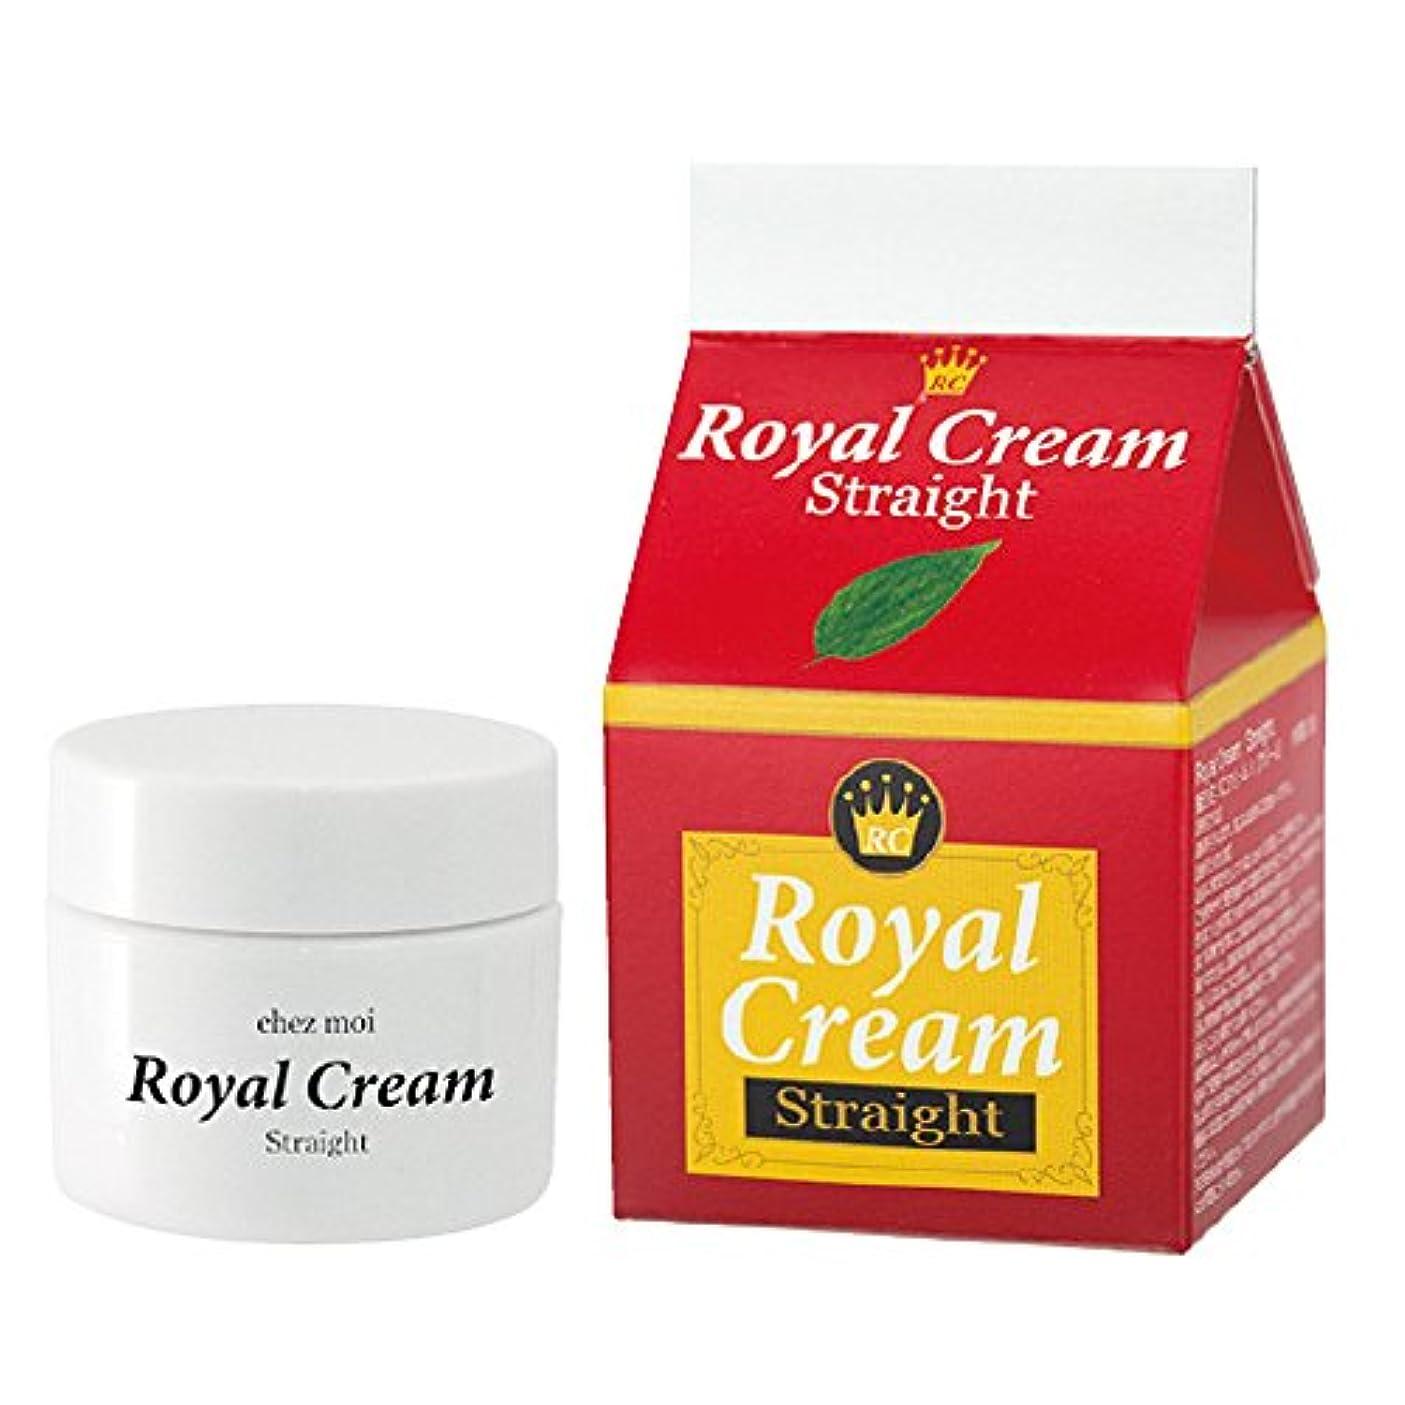 推進力川冷淡なシェモア Royal Cream Straight(ロイヤルクリームストレート) 30g